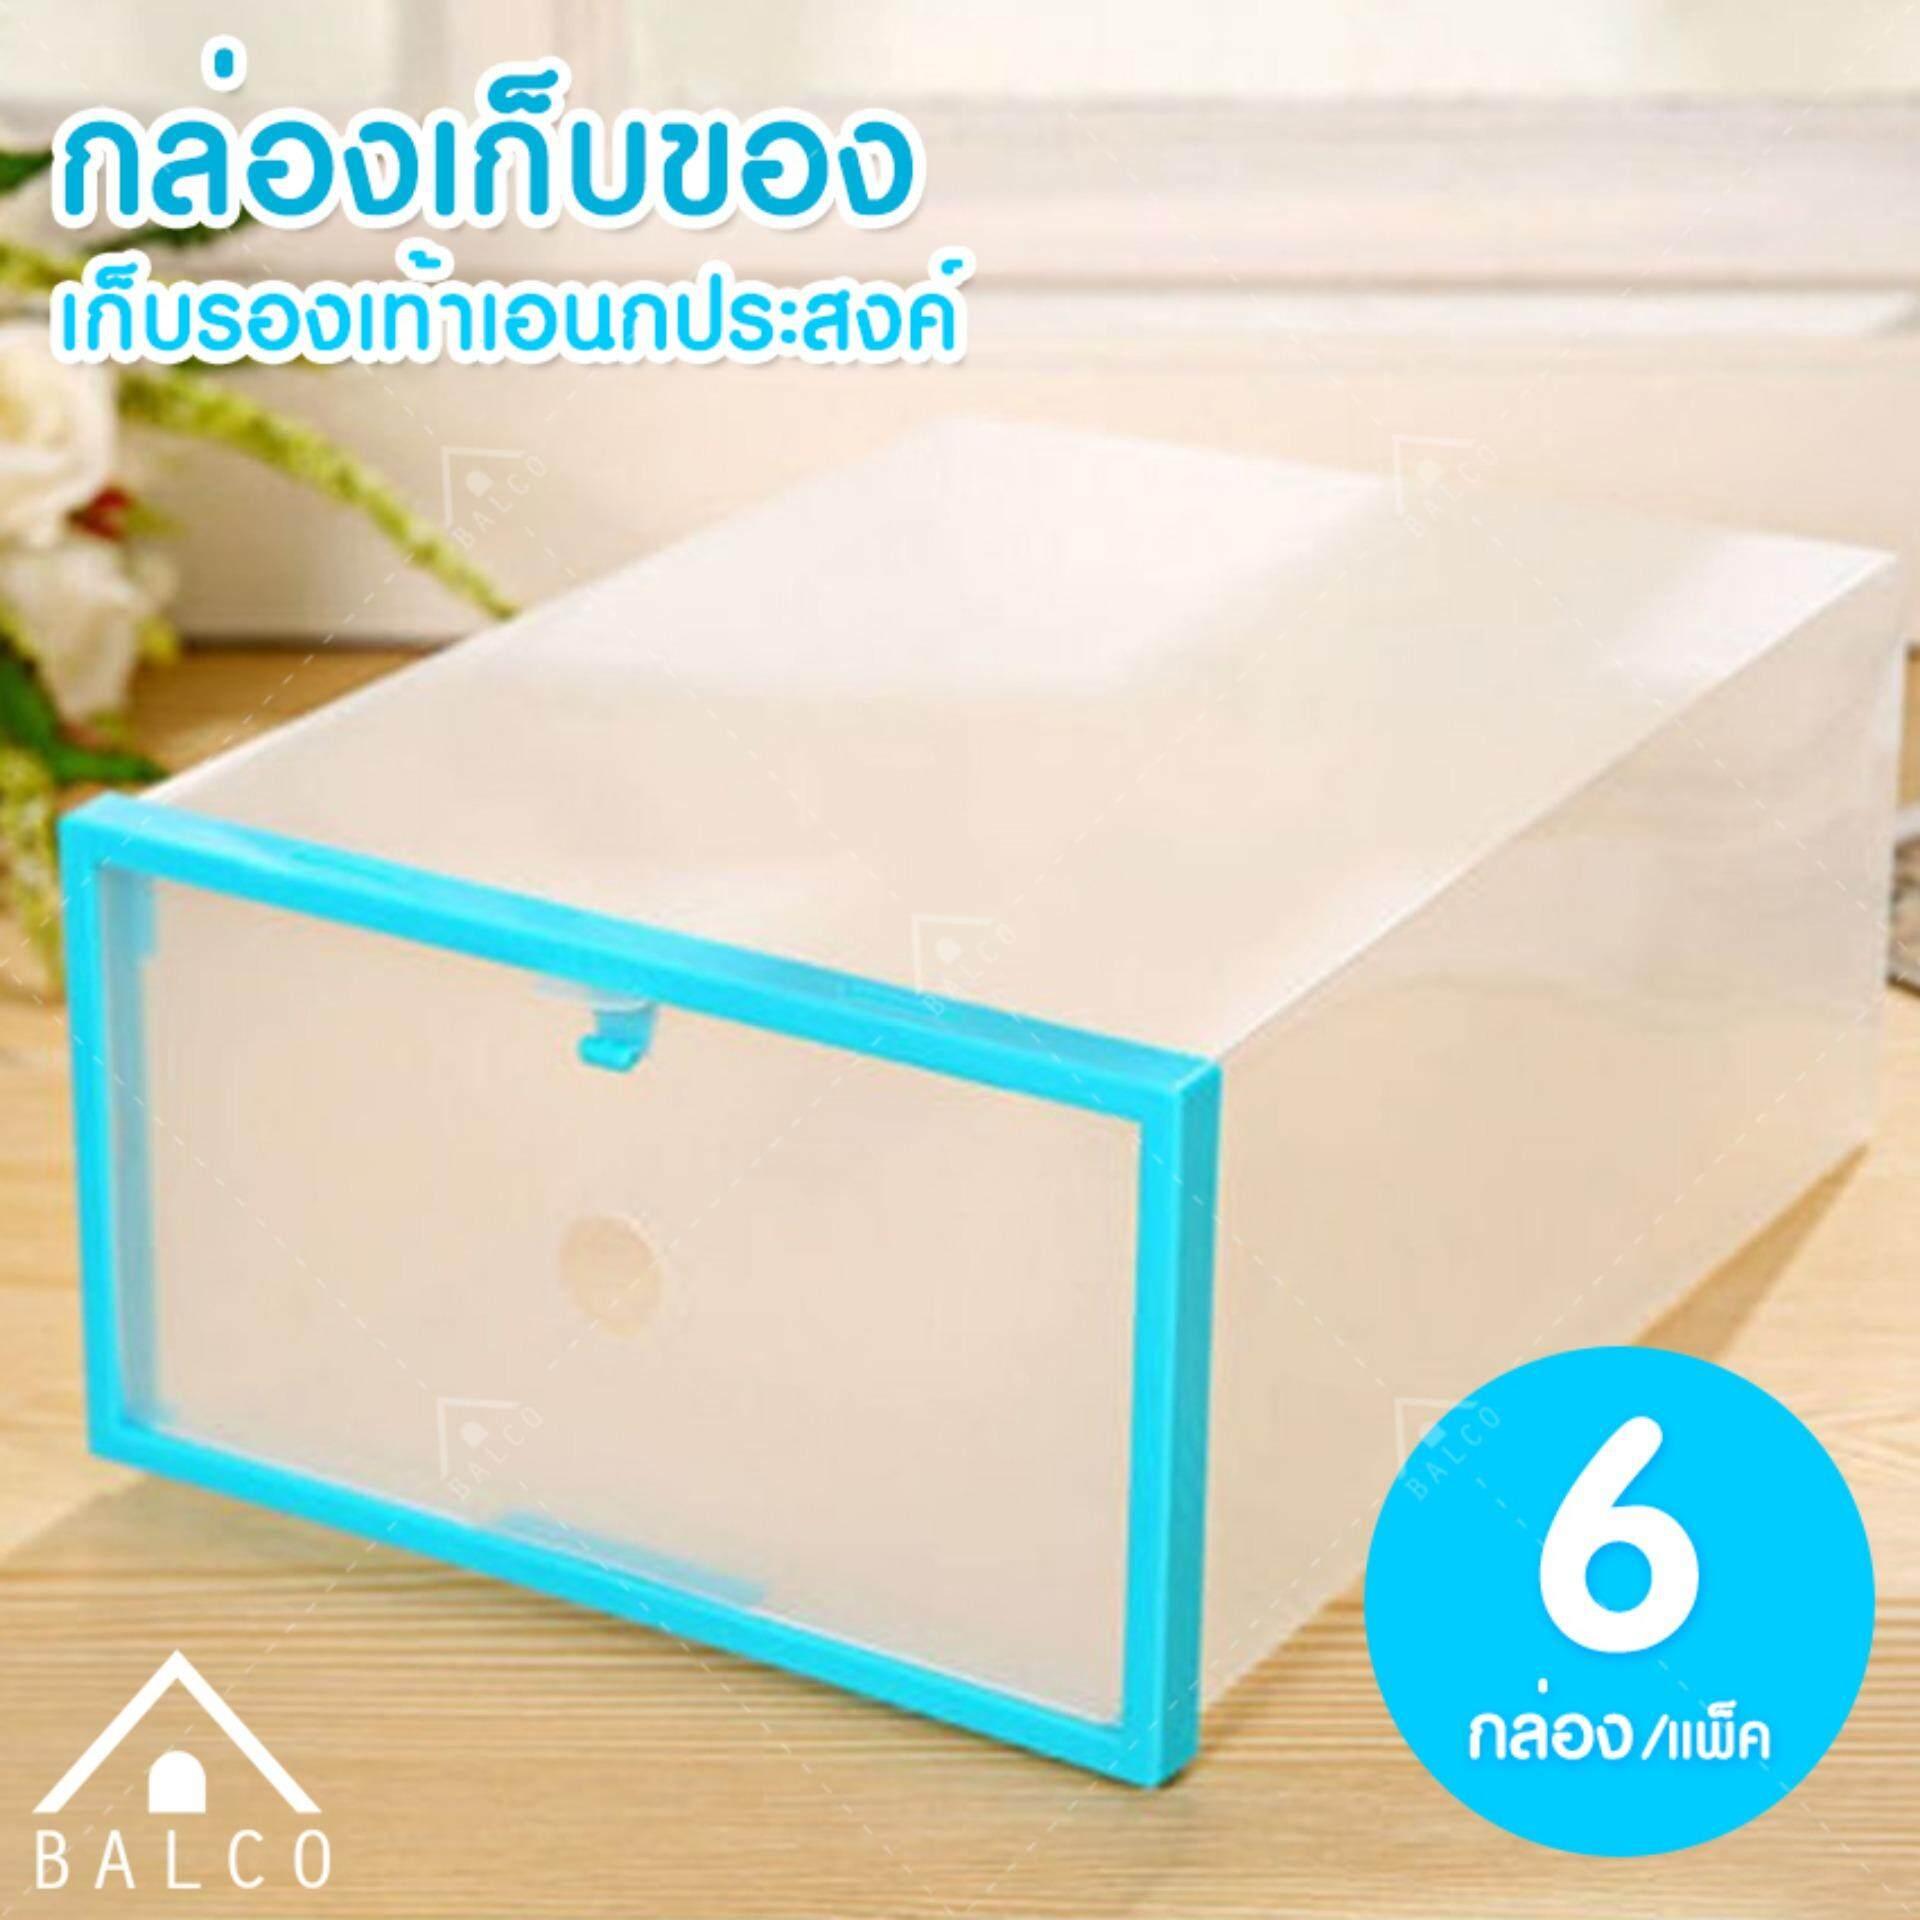 ส่วนลด Balco ชุด กล่องรองเท้า กล่องเก็บรองเท้า กล่องเอนกประสงค์ พลาสติค น้ำหนักเบา ประกอบ เปิดปิดง่าย ช่วยจัดระเบียบให้คุณ รุ่น Kdh 0062 ขอบฟ้า 1 ชุดมี 6 กล่อง กรุงเทพมหานคร